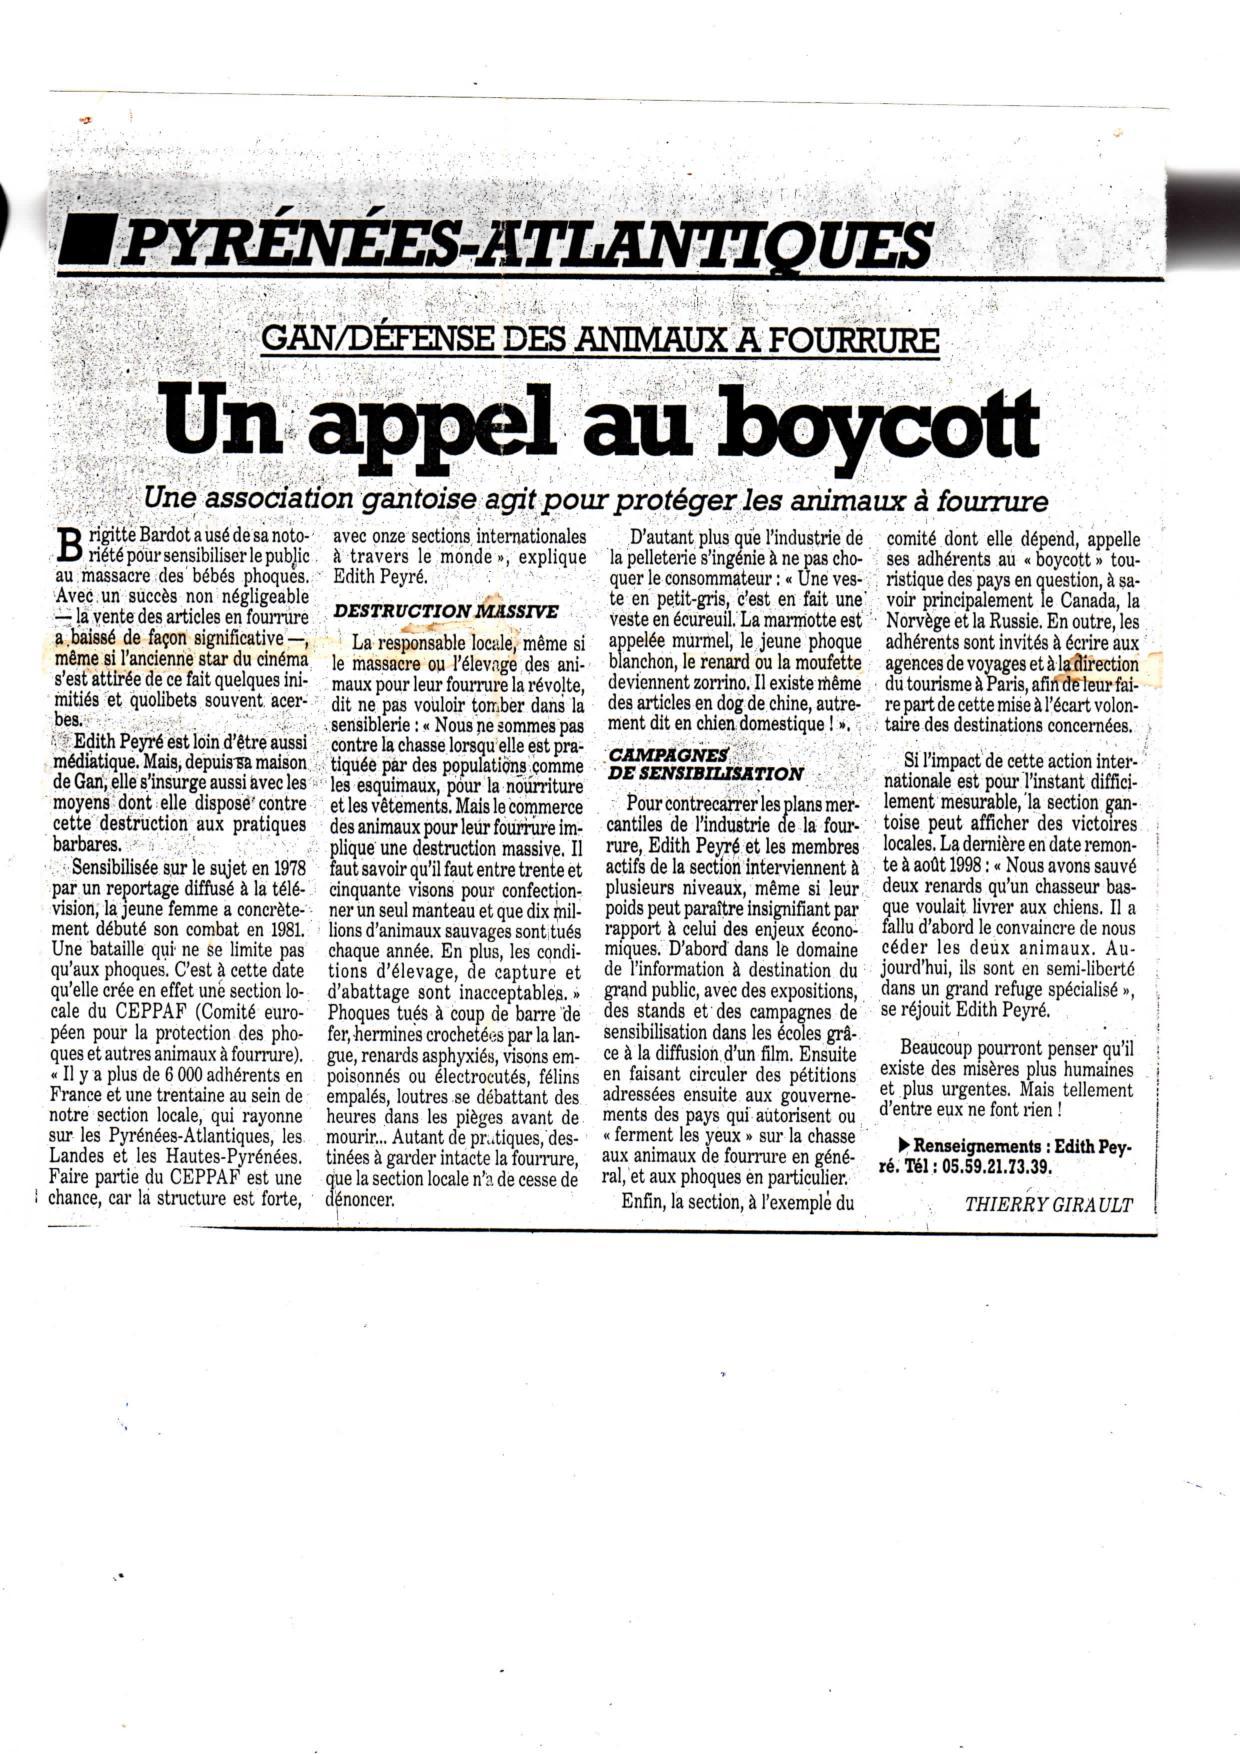 Article de presse 1144-page-001